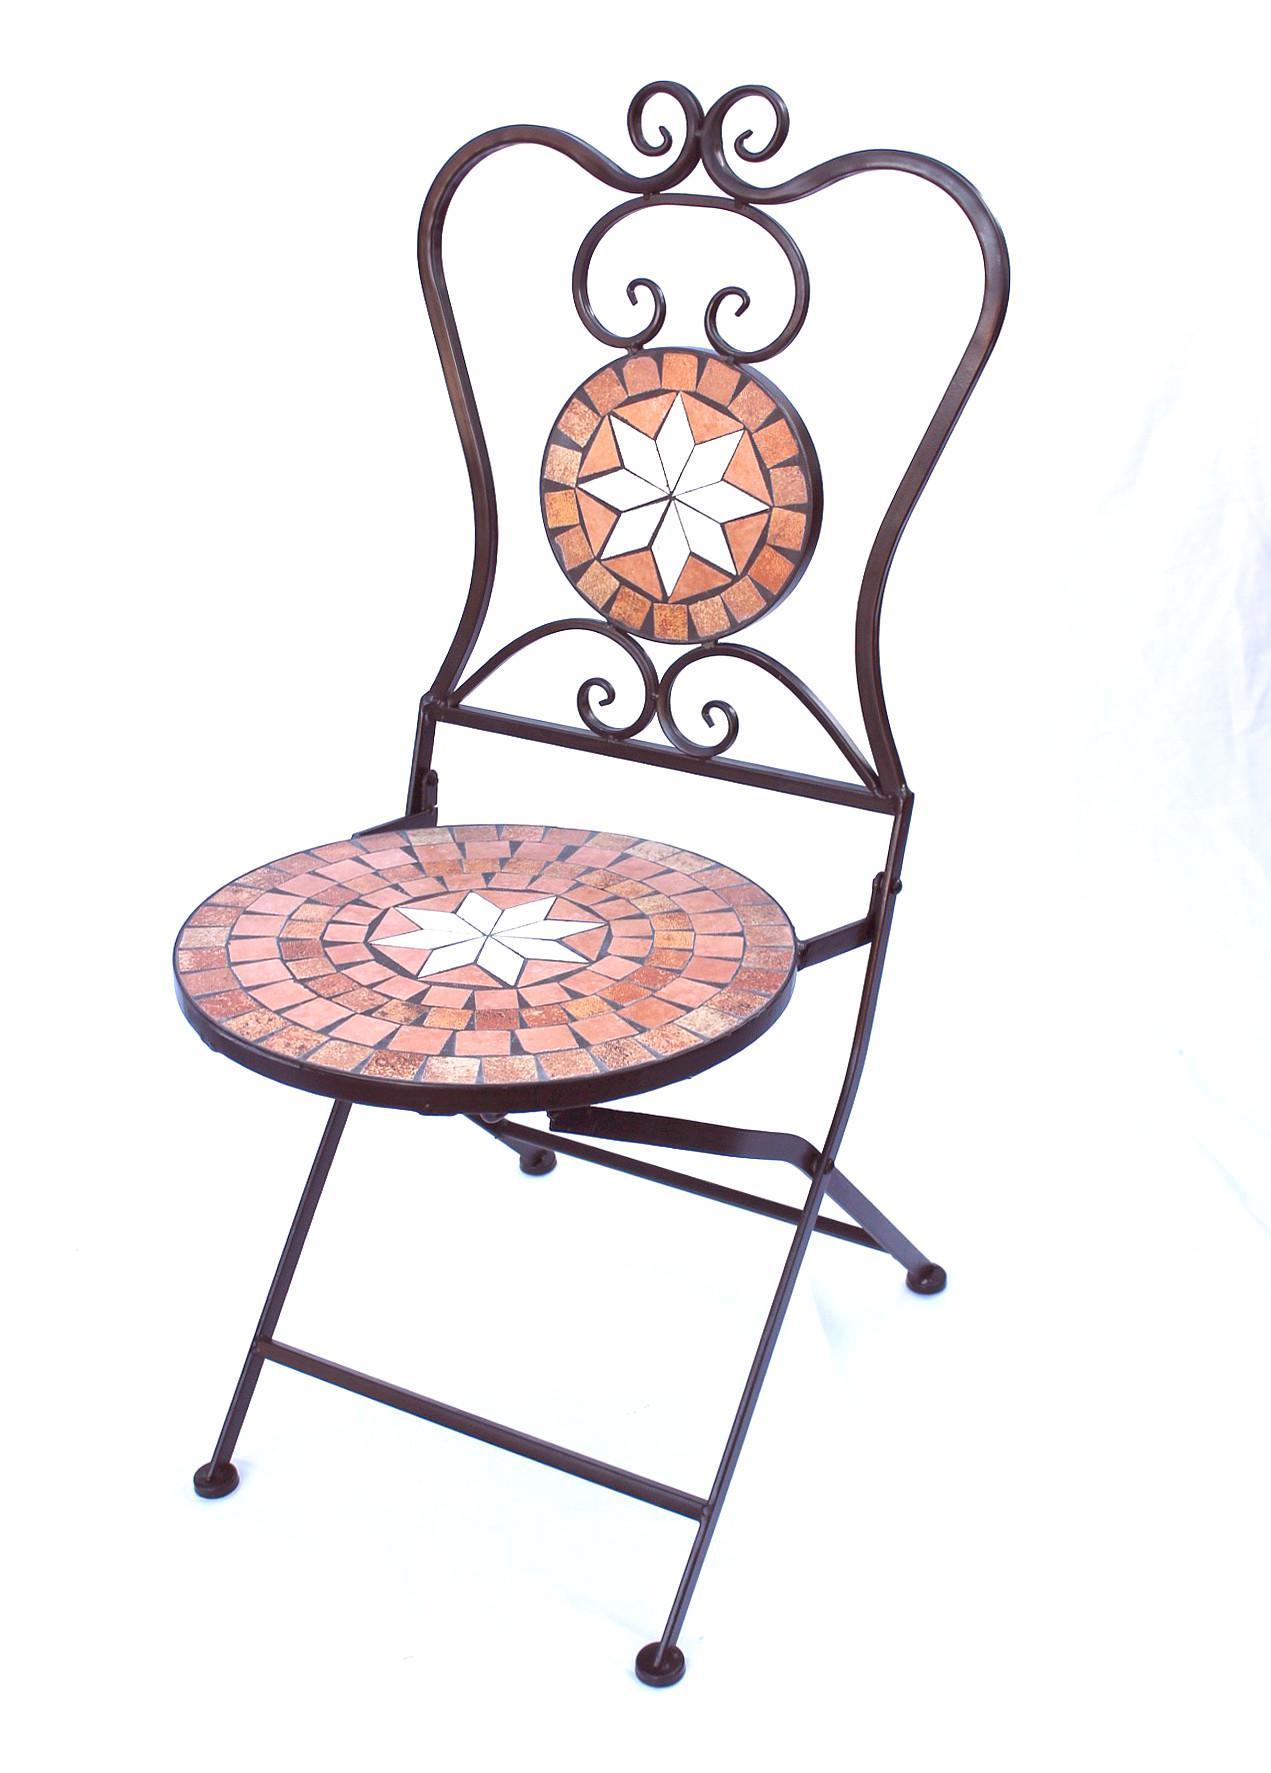 sitzgruppe merano 12001 2 gartentisch 2 stk gartenstuhl aus metall mosaik tisch 2x stuhl. Black Bedroom Furniture Sets. Home Design Ideas